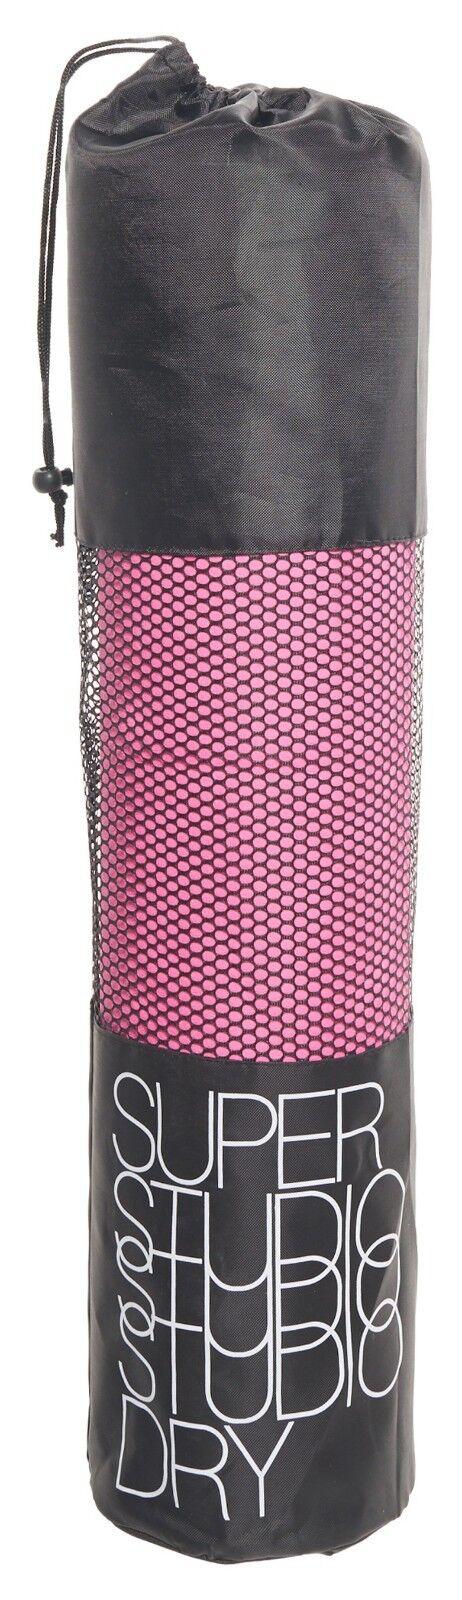 SUPERDRY STUDIO MAT Fluro Pink